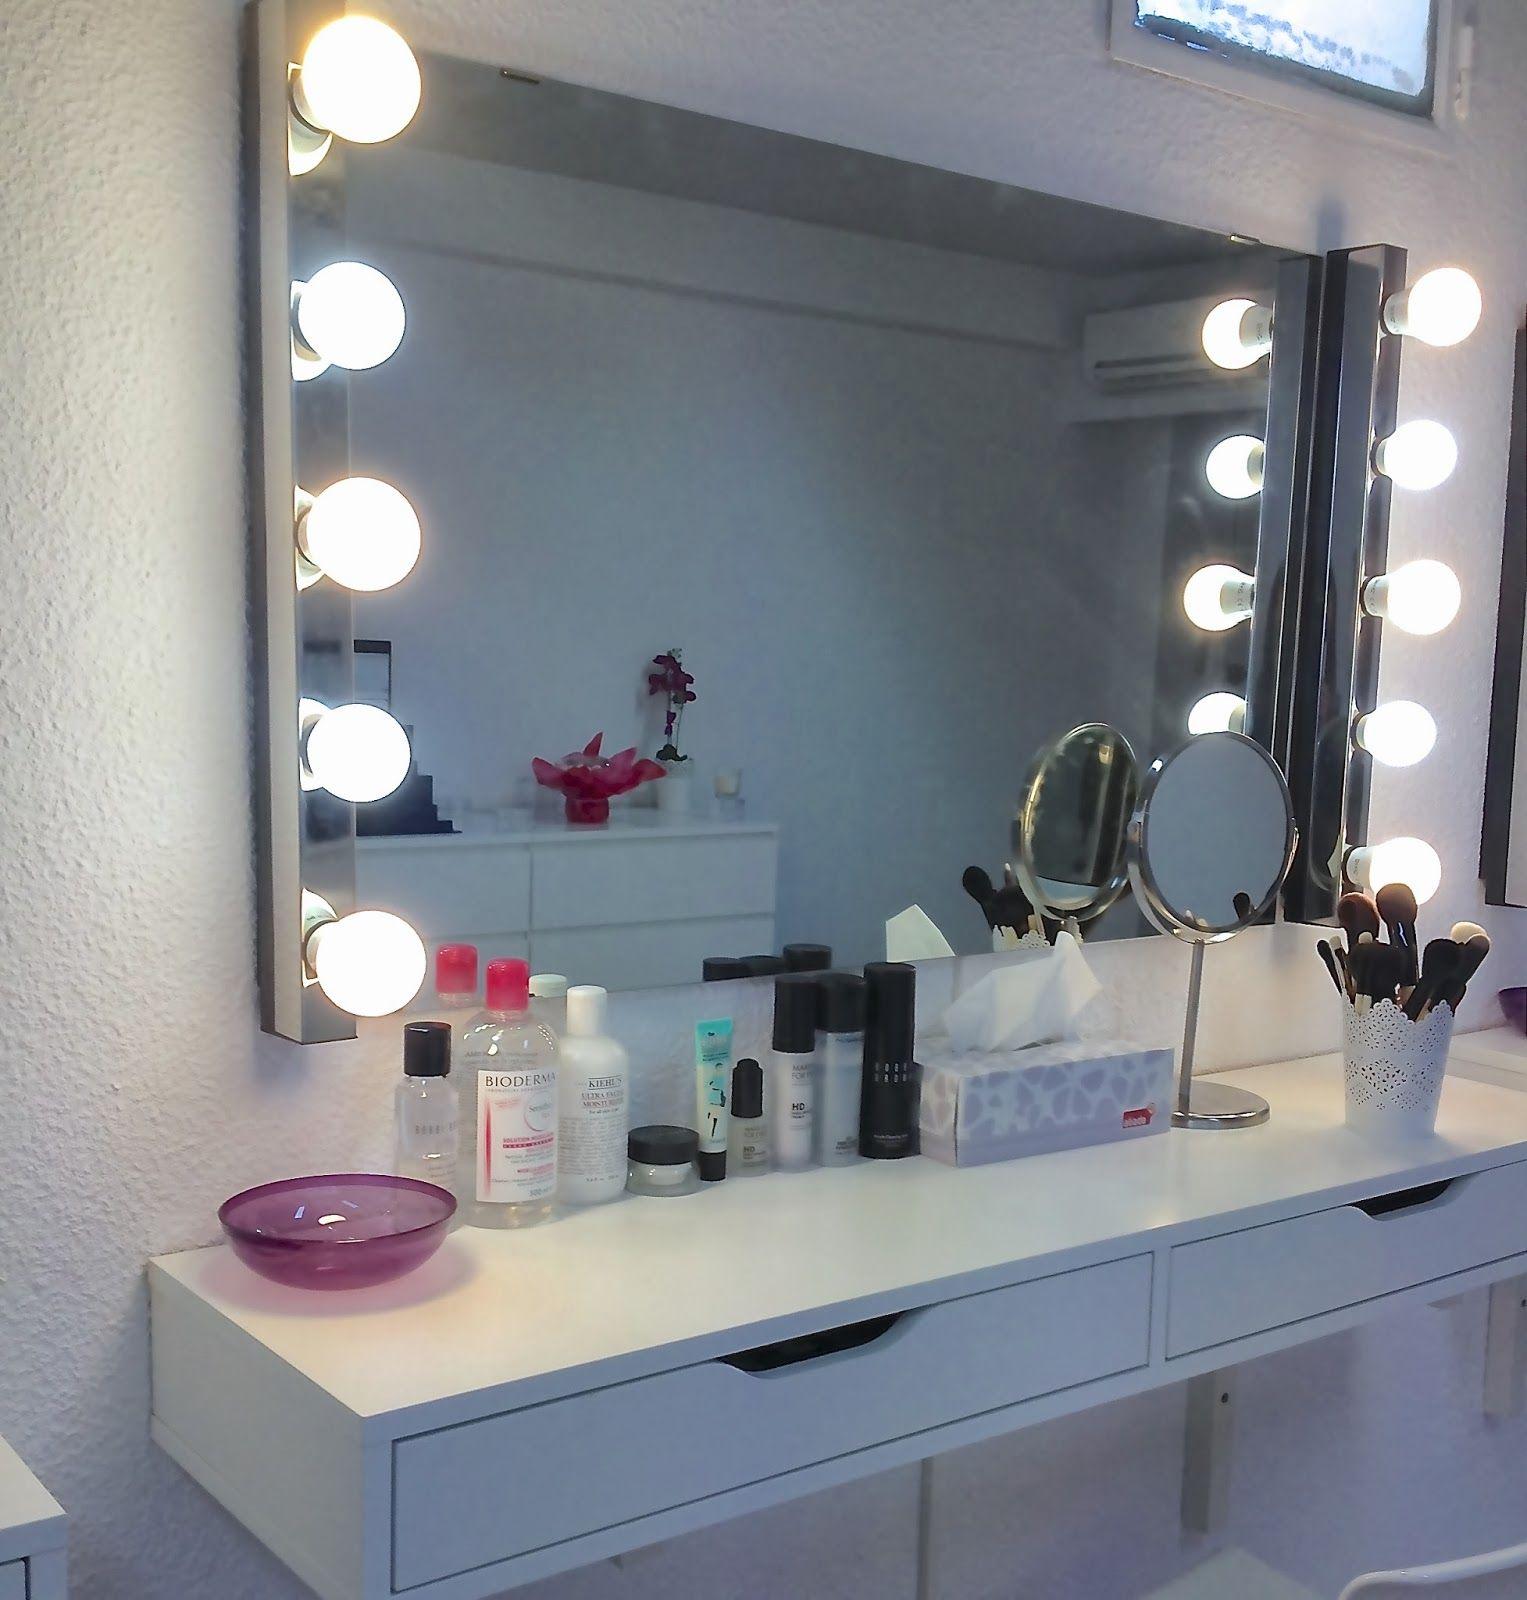 M s de 25 ideas incre bles sobre espejos con luz en for Espejos en la pared del dormitorio